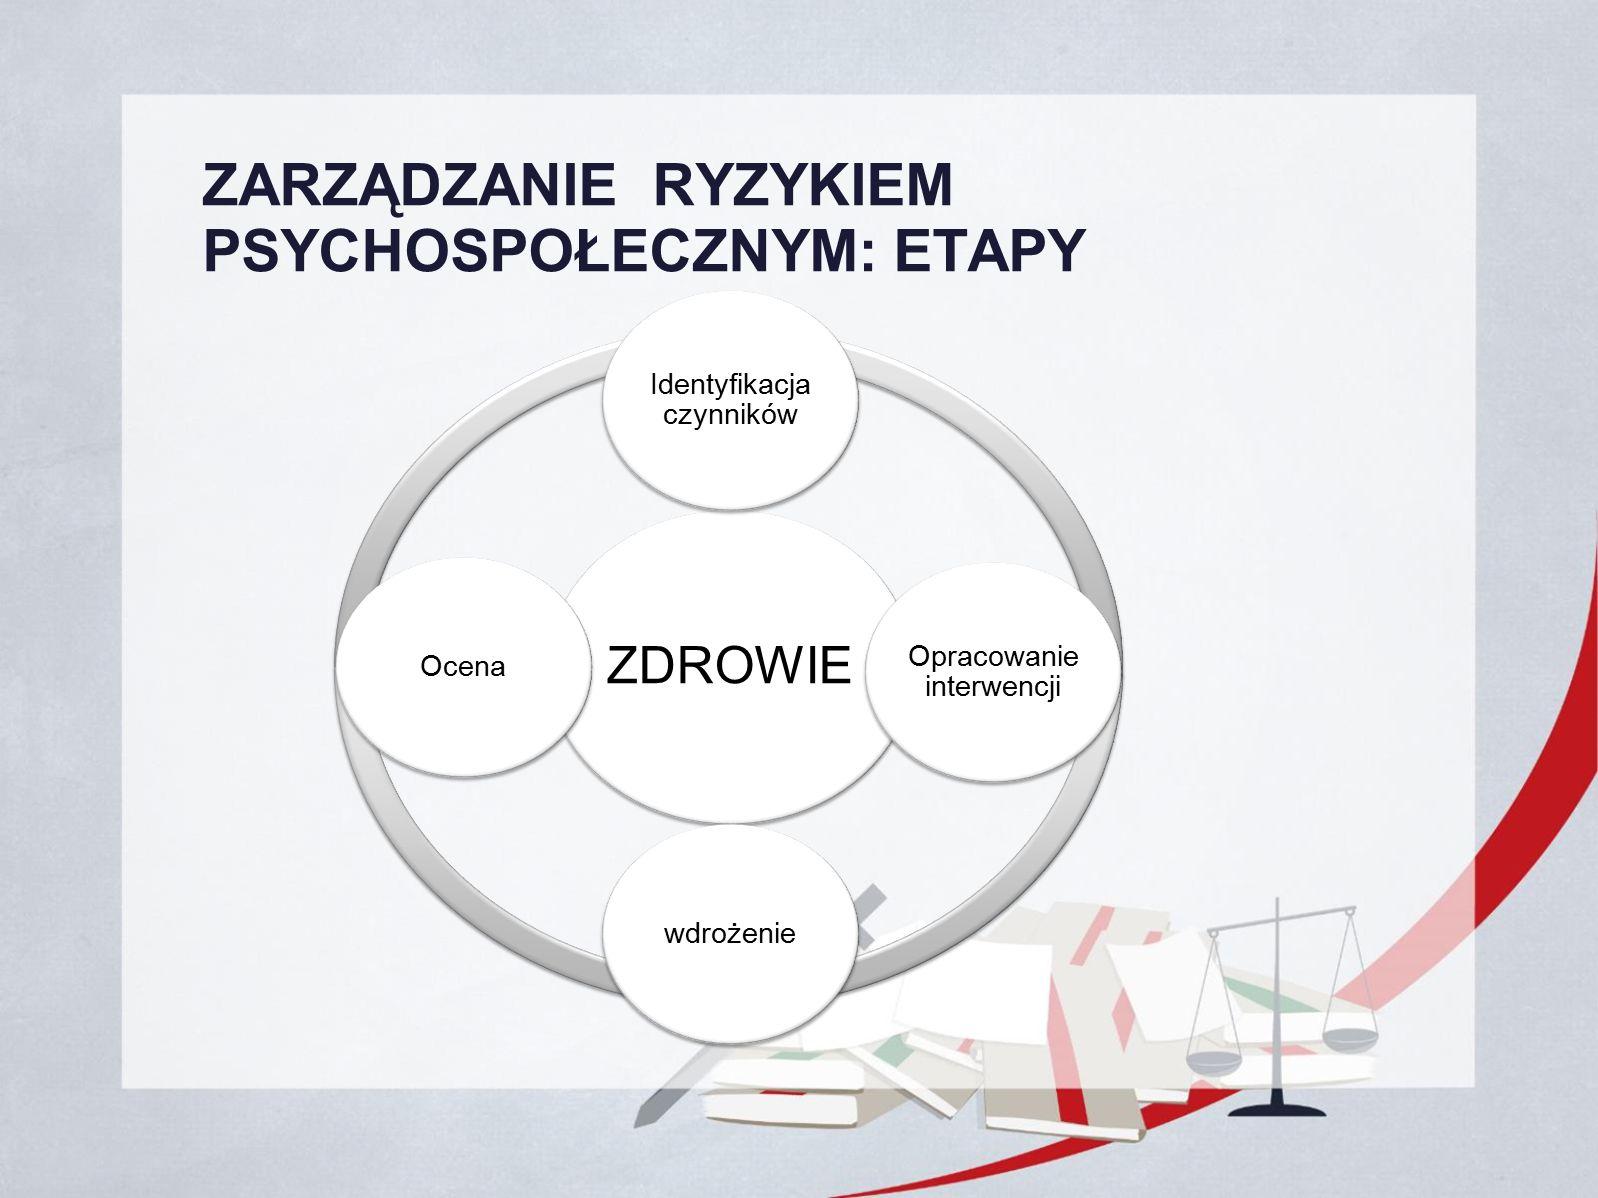 ZARZĄDZANIE RYZYKIEM PSYCHOSPOŁECZNYM: ETAPY ZDROWIE Identyfikacja czynników Opracowanie interwencji wdrożenieOcena